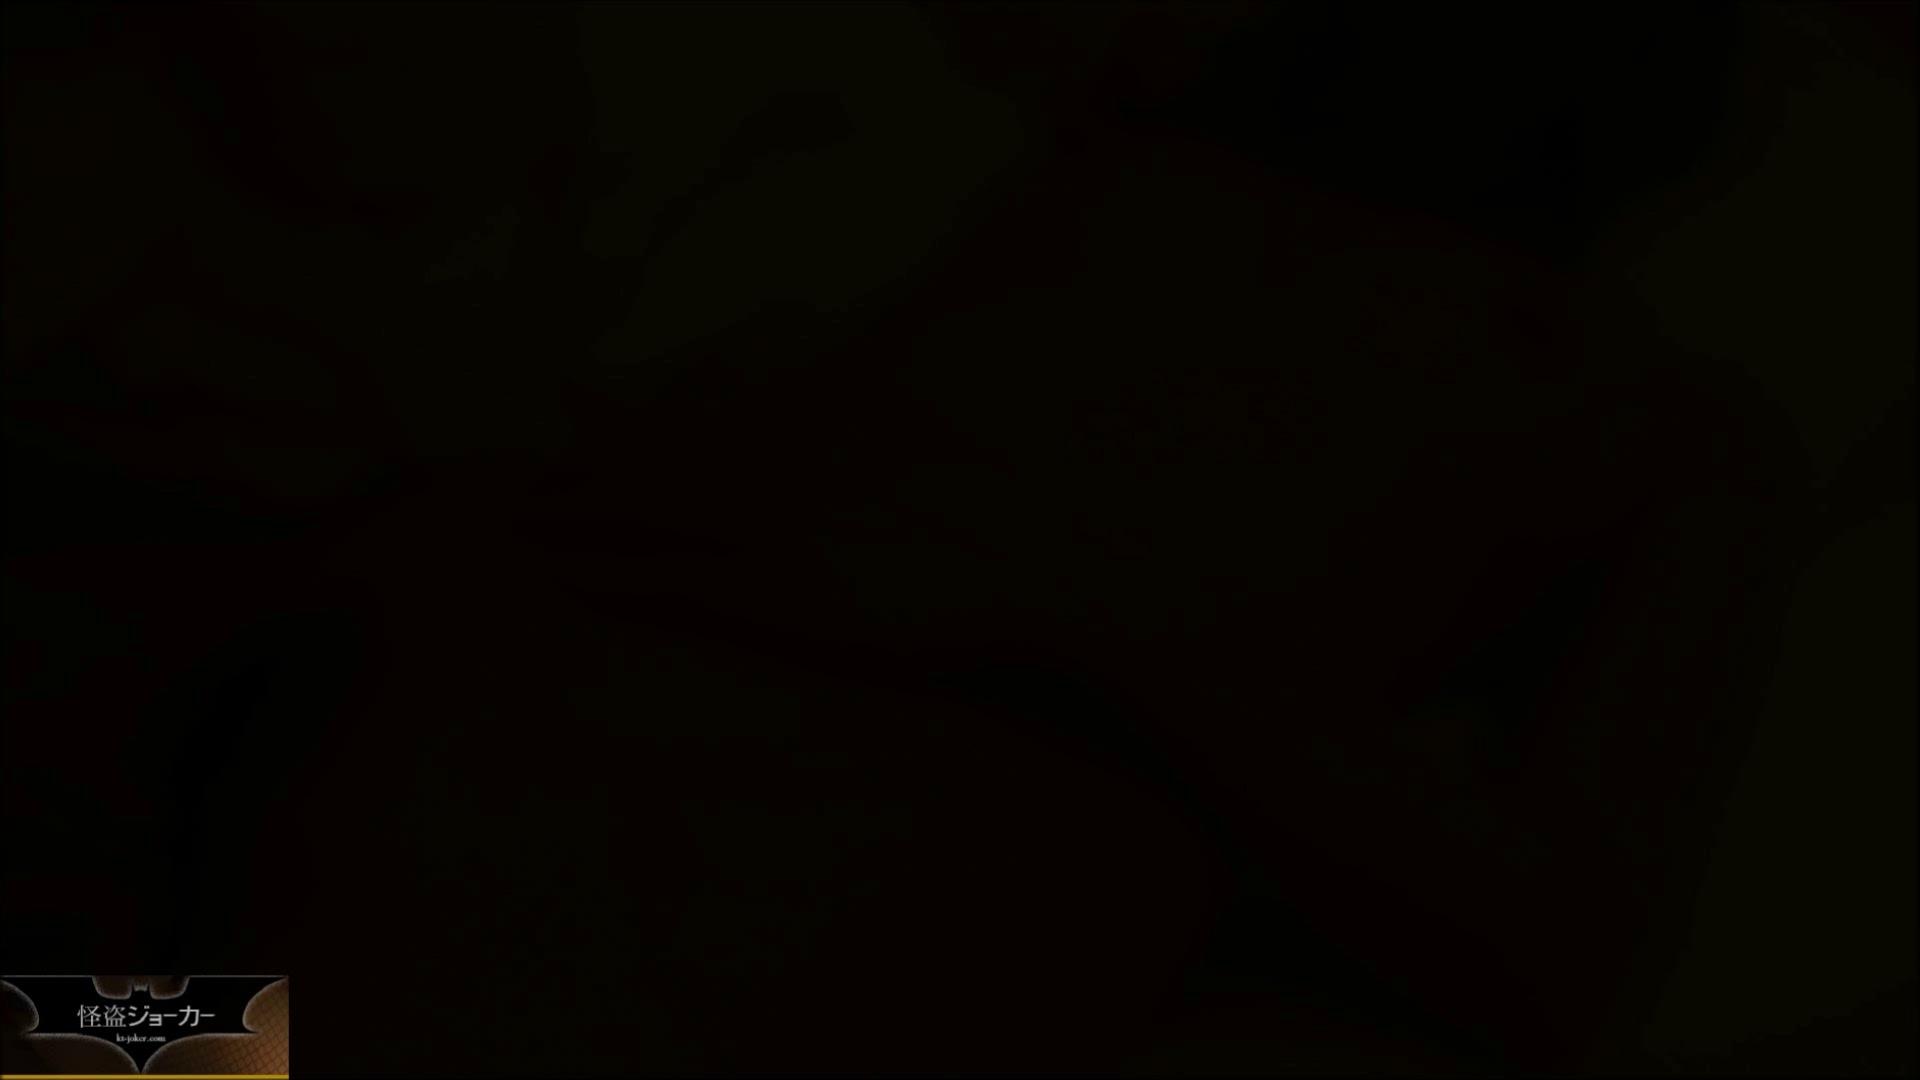 【未公開】vol.31 朋葉を目民り姫にして味比べ・・・ 肛門  84PIX 79